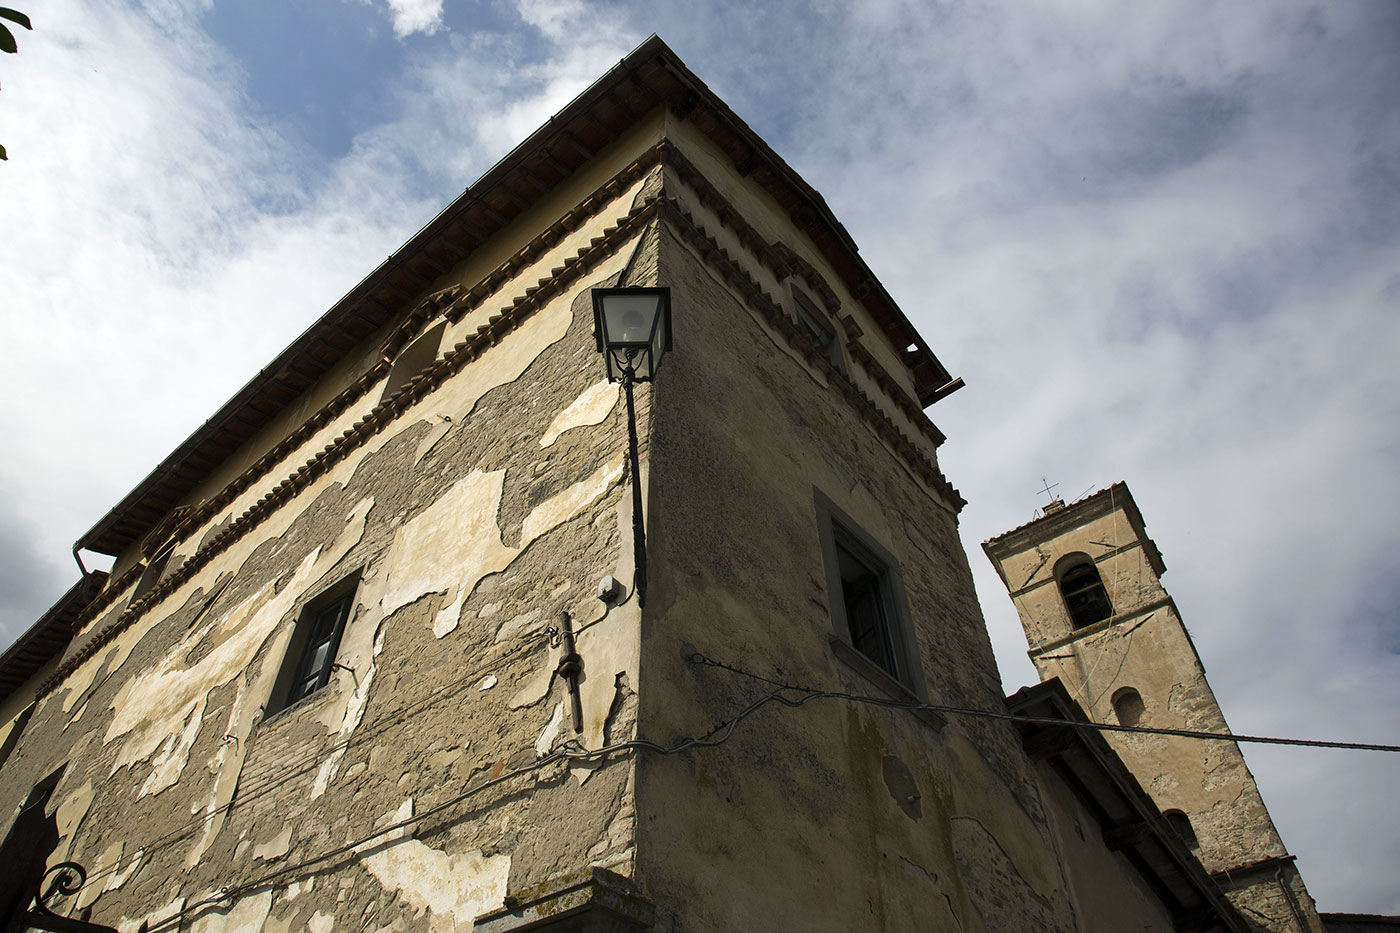 ex-monastero-ex-ospedale-luco-di-mugello-foto-francesco-noferini-2017-1